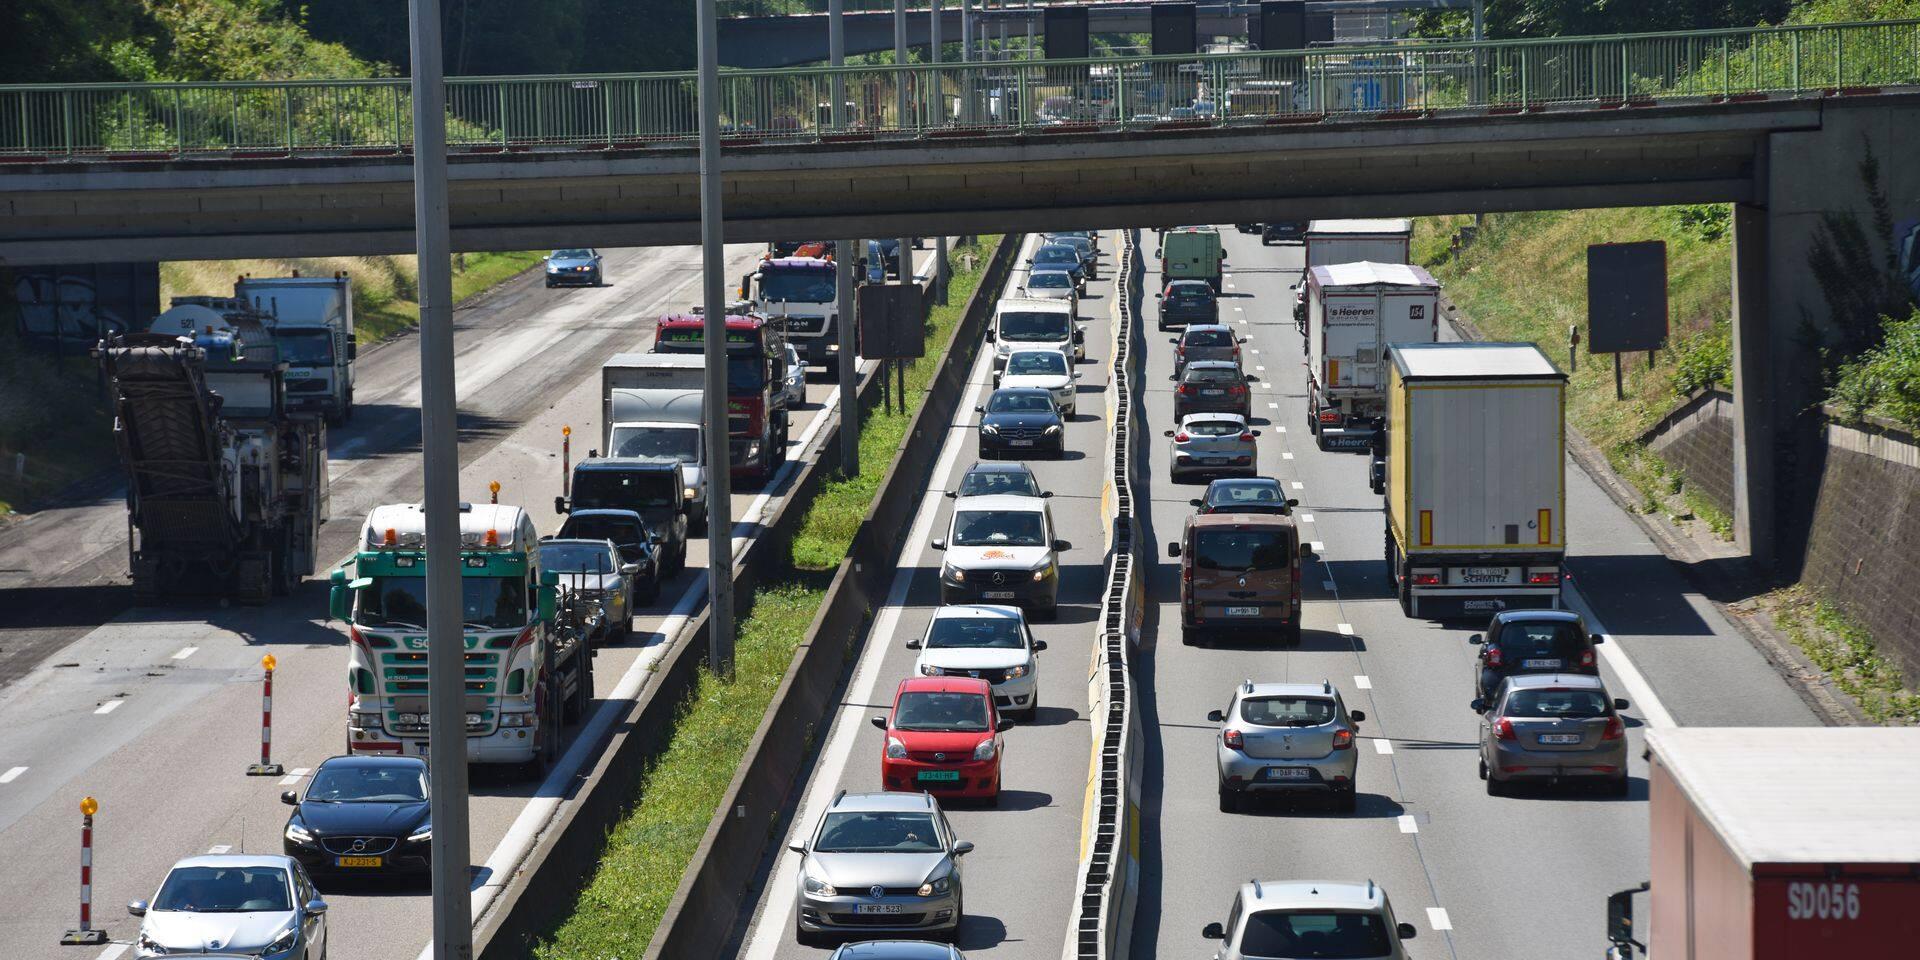 Accident sur le ring à hauteur de Waterloo: gros embarras de circulation